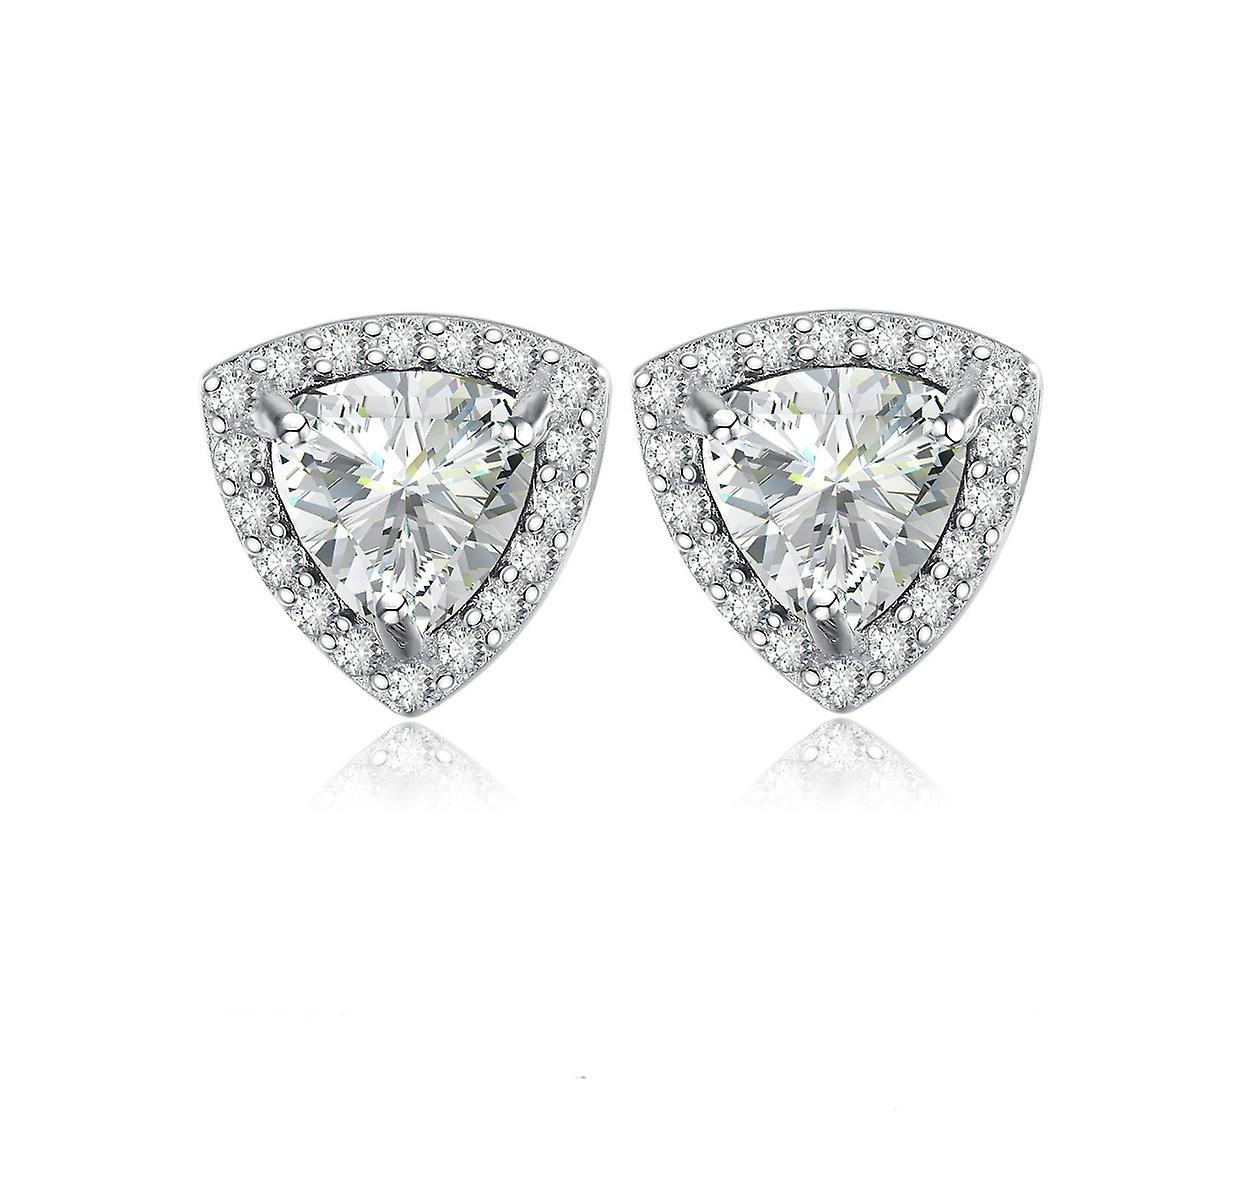 925 Sterling Silver  Halo Trillion Cut Aaa Cubic Zirconia Stud Earrings